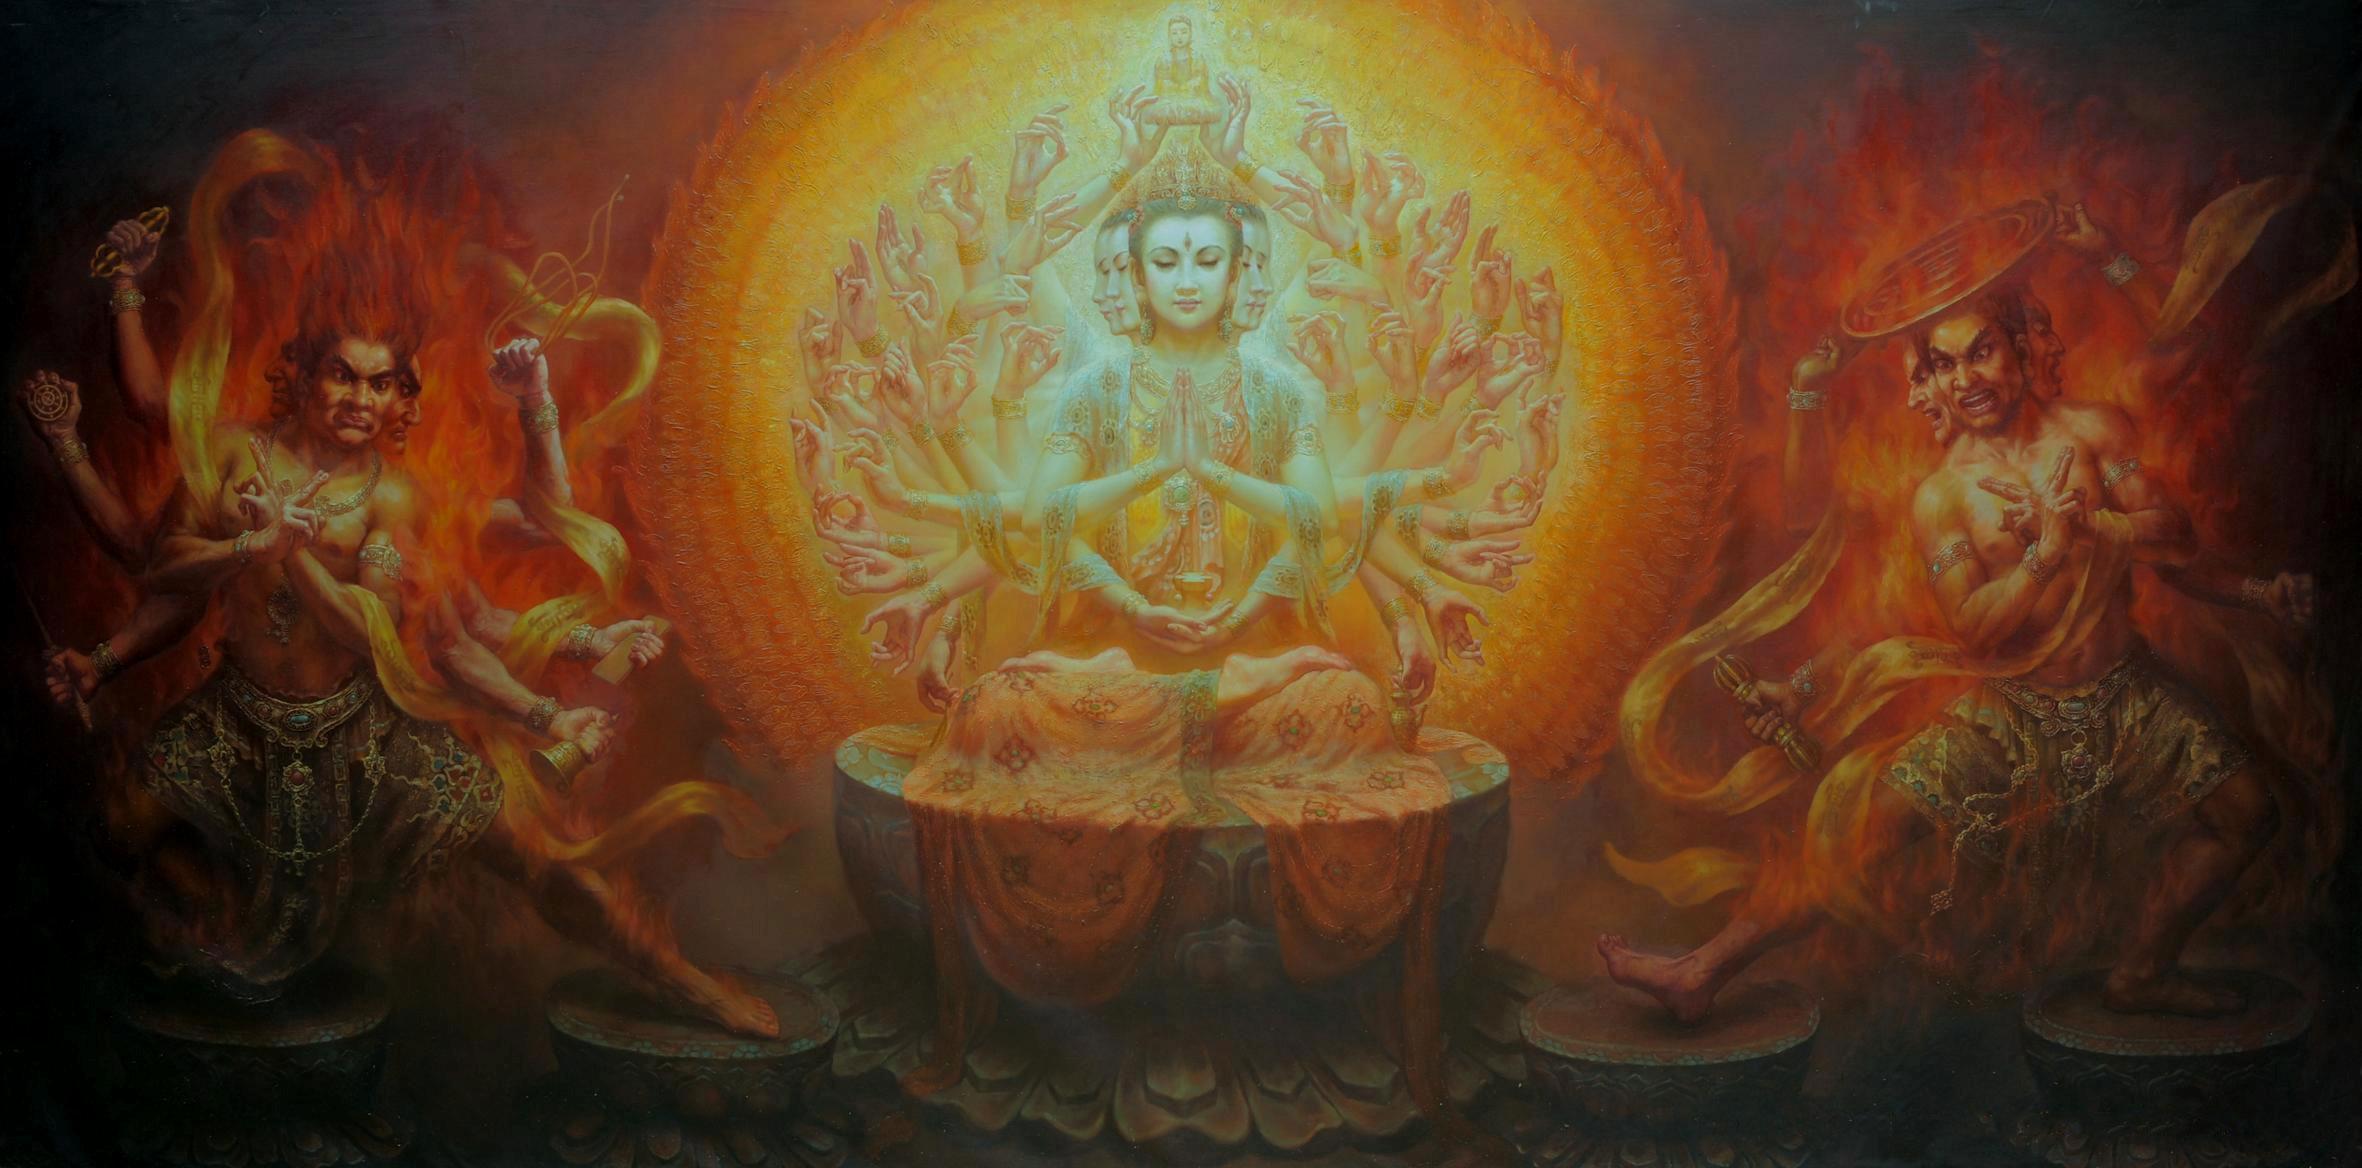 Результаты поиска Упражнение для медитации Дыхание «один-четыре-два» Найдите приятное тихое место, где вас никто не побеспокоит 10-15 минут. Сядьте в удобную позу, обязательно держа спину прямо. ... Закройте глаза и положите руки на колени ладонями вверх. Несколько минут просто наблюдайте за вашим дыханием. Ещё • 14 июл. 2011 г. 3 простых техники медитации для расслабления и ... lifehacker.ru › 3-prostykh-tekhniki-meditacii-dlya-rassl... Search for: Упражнение для медитации Оставить отзыв Подробнее о выделенных описаниях… Все результаты 5 упражнения по медитация за начинаещи - PulseHealth.bg pulsehealth.bg › Блог Перевести эту страницу 5 упражнения по медитация за начинаещи. май 18, 2018 By pulsehealth In Блог. Медитацията е ефективен метод за справяне с хроничния стрес според ... УПРАЖНЕНИЯ ДЛЯ МЕДИТАЦИИ